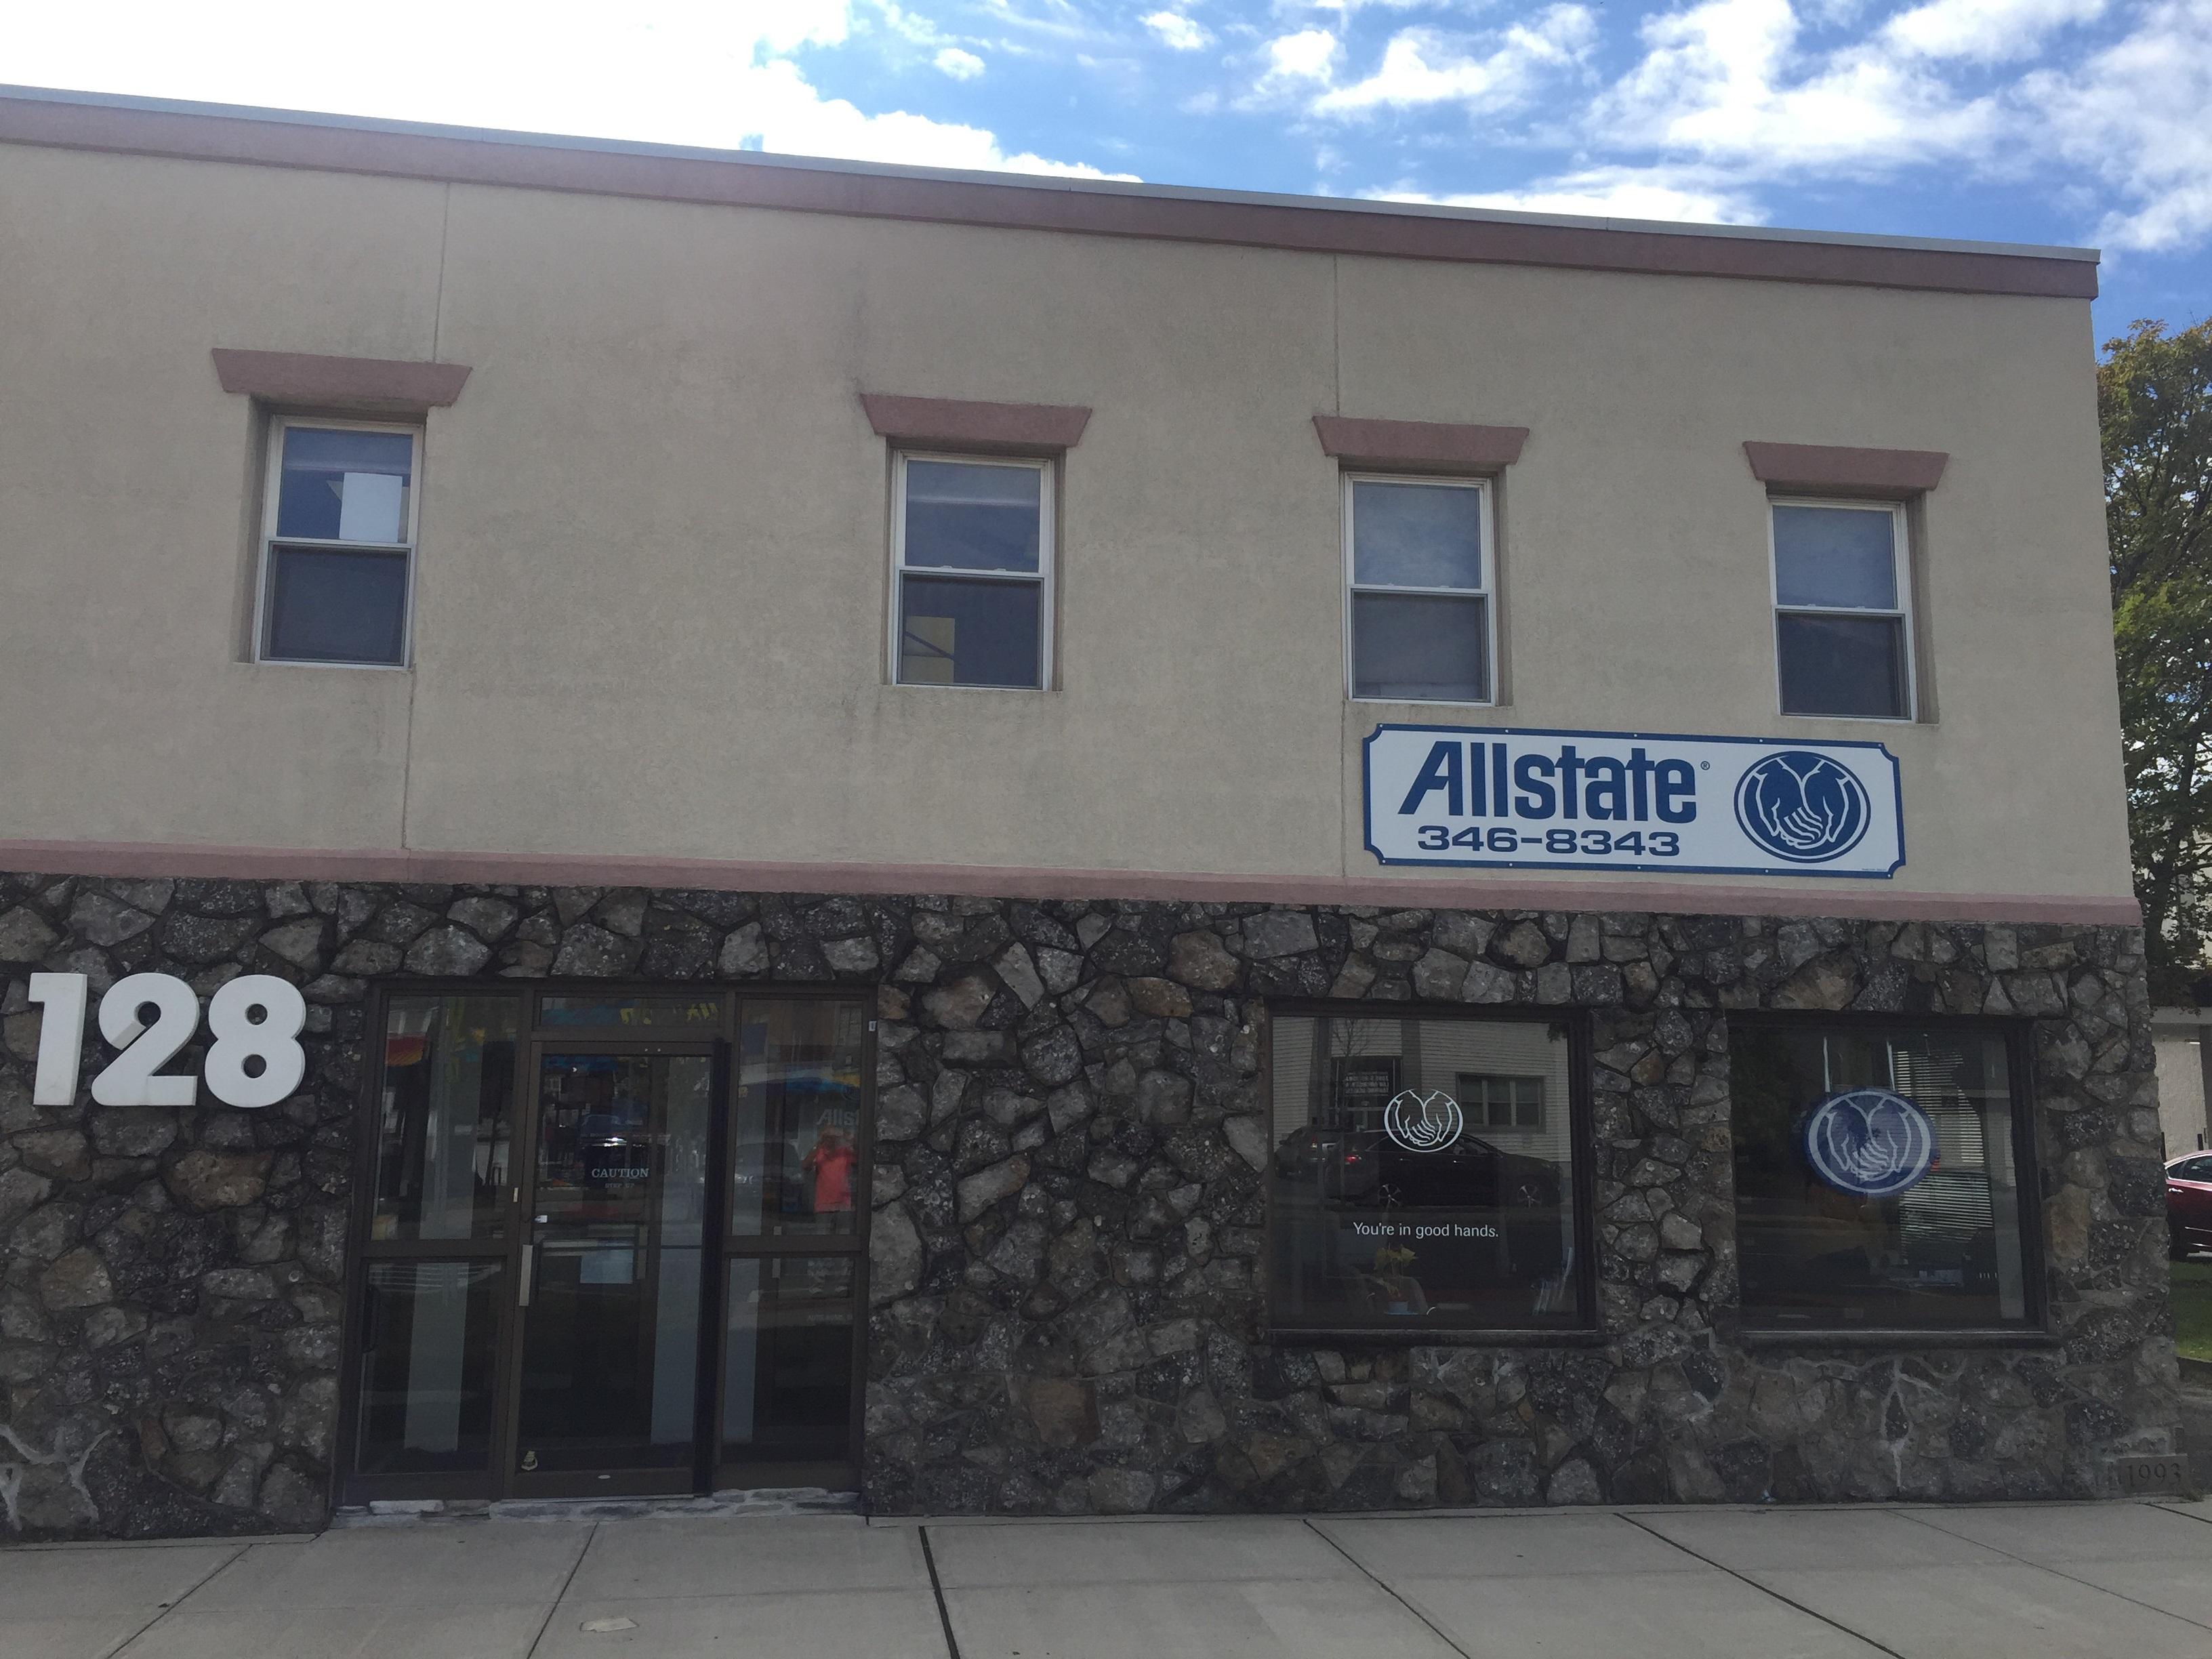 Haresh Bhatia: Allstate Insurance image 2